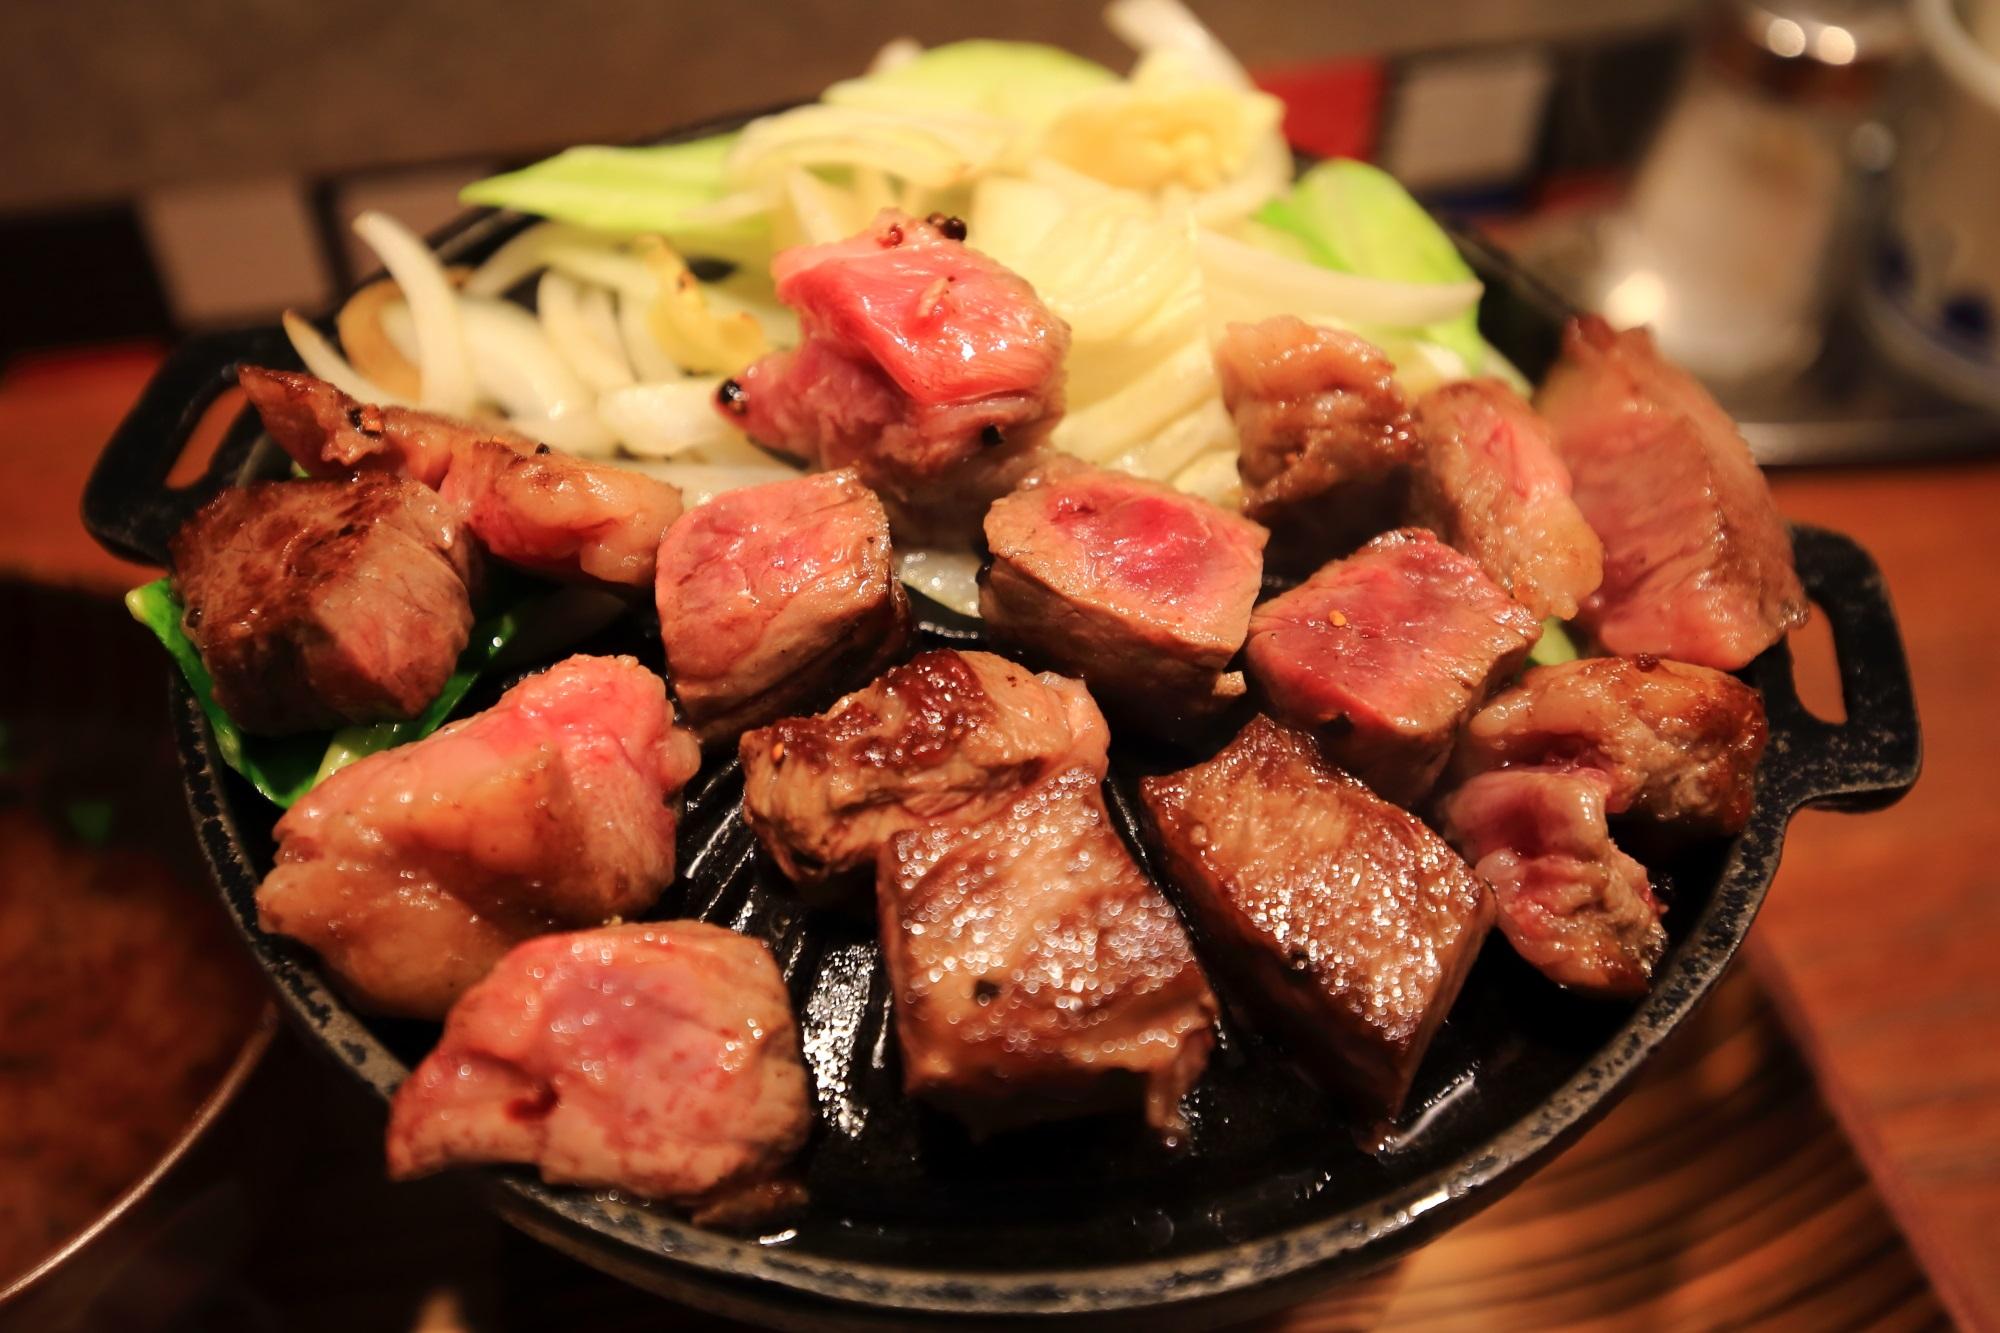 佰食屋(ひゃくしょくや) すき焼き専科の20食限定の国産牛サイコロステーキ定食